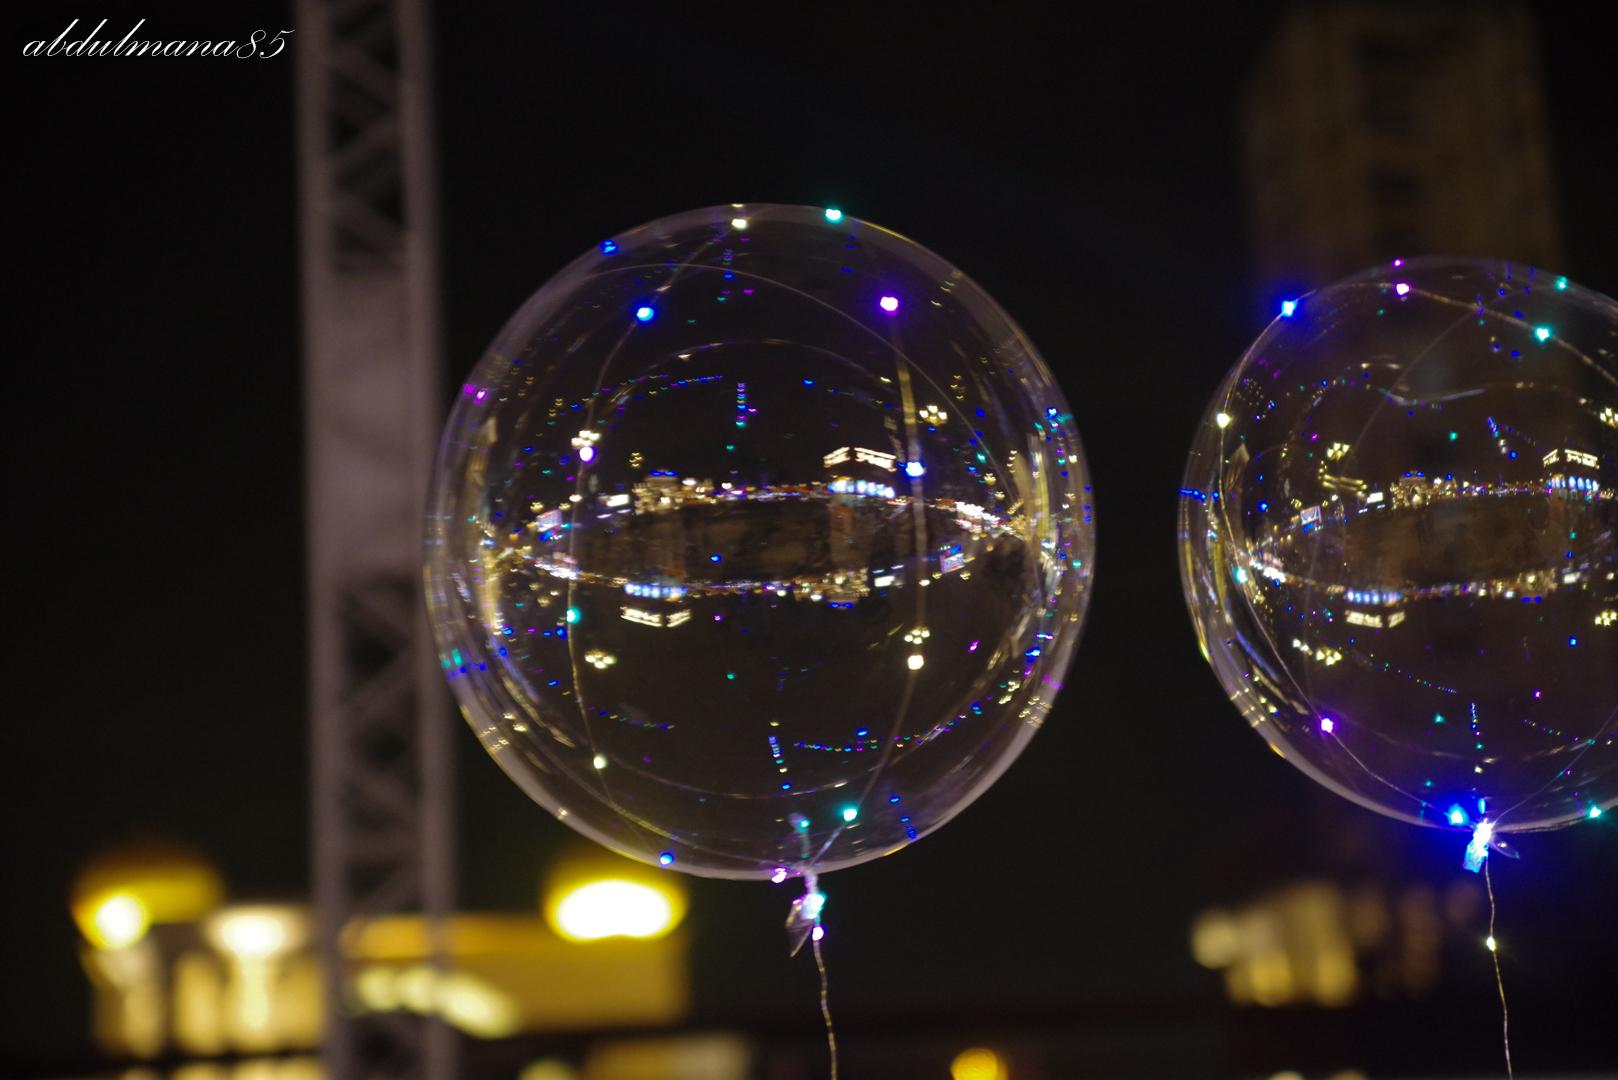 Bubble baloons...